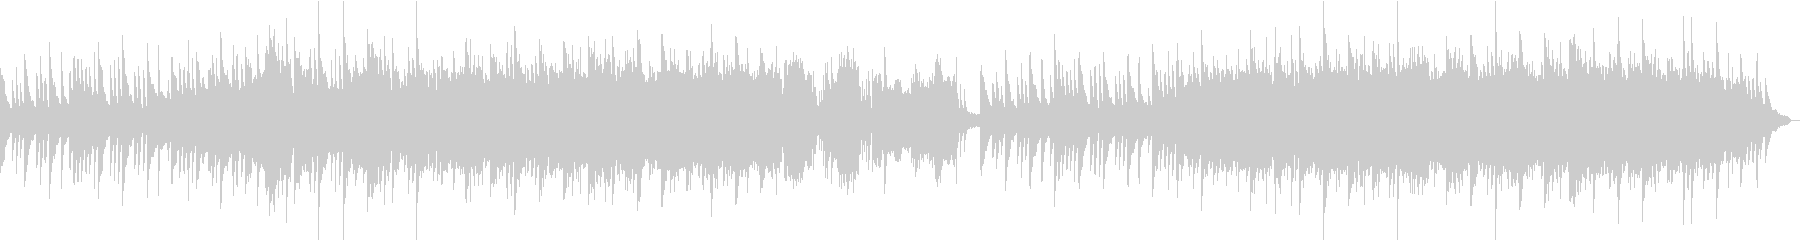 企業VPや映像にキラキラ感動ピアノBGMの未再生の波形